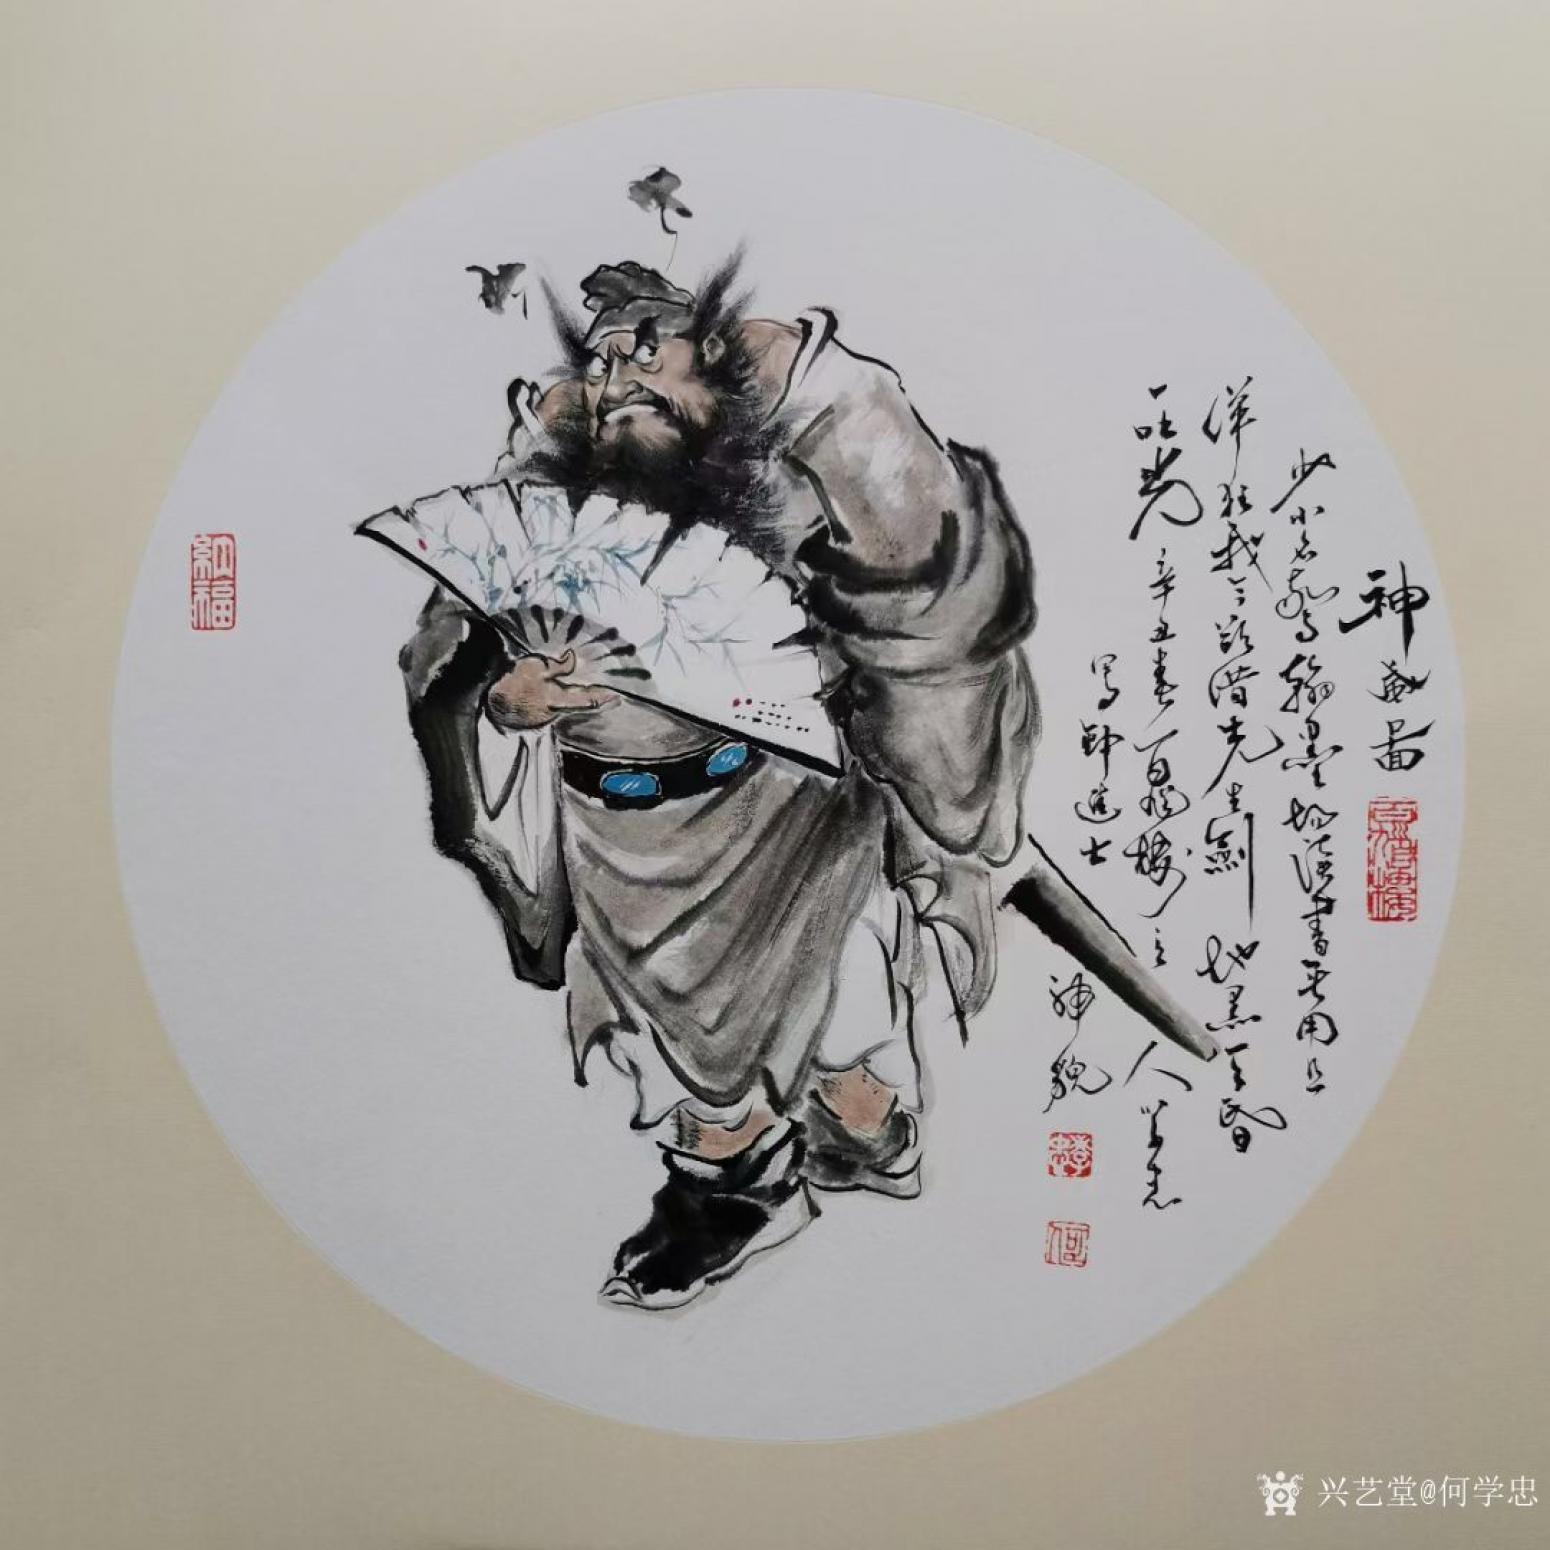 何学忠国画作品《人物钟馗-神威图卡纸》